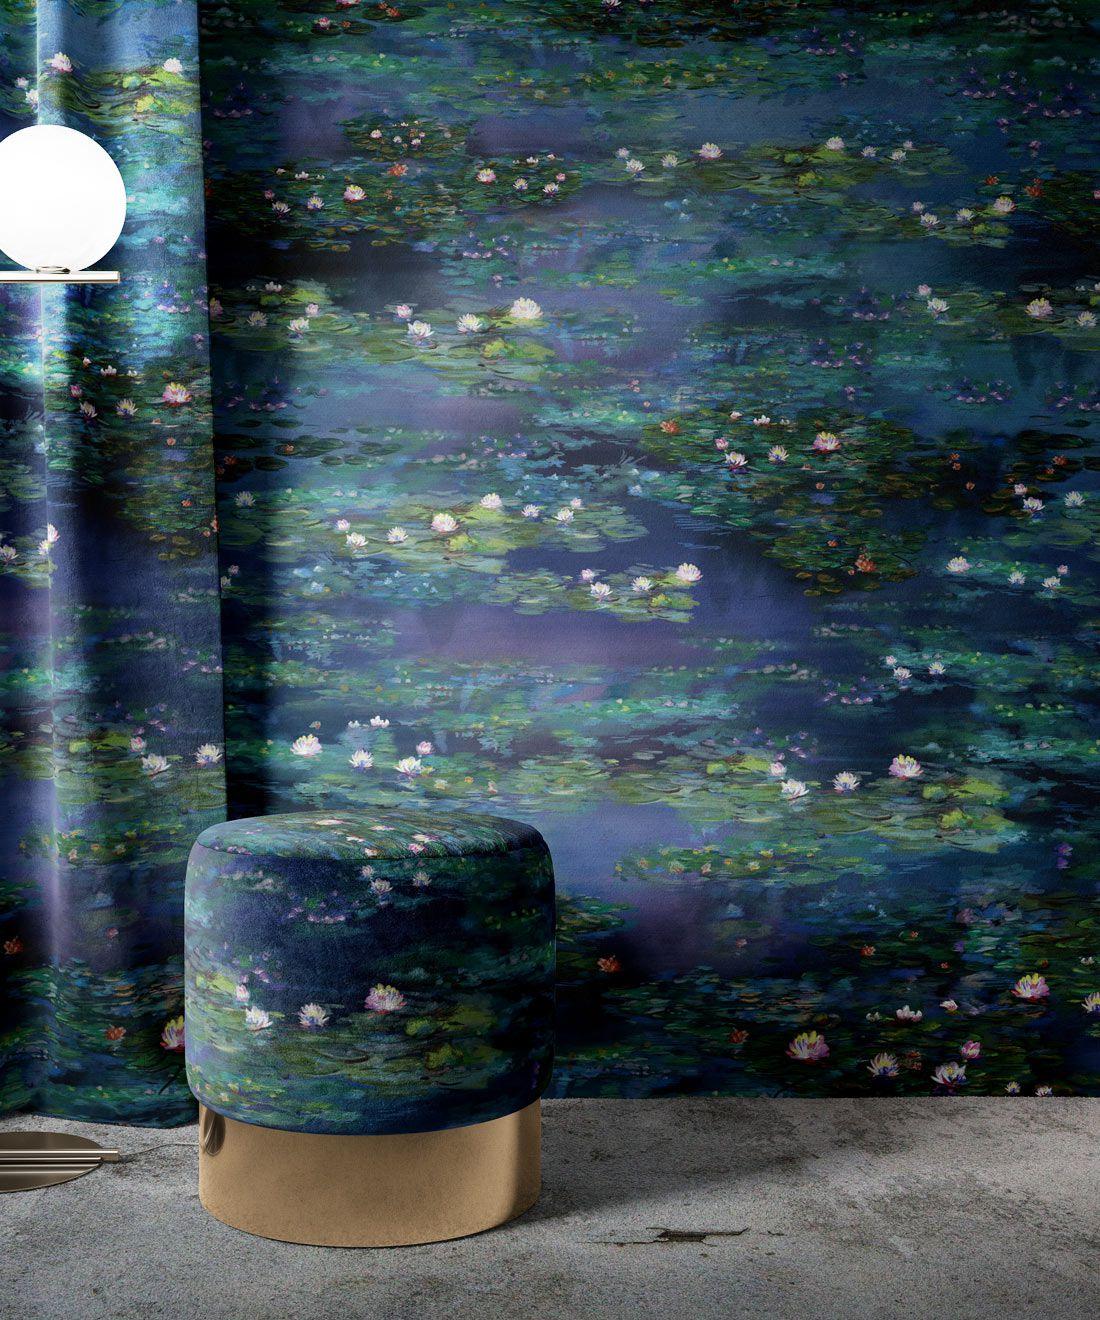 Water Lillies Wallpaper •Abstract Wallpaper • Dreamy Wallpaper • Blue Wallpaper •Insitu